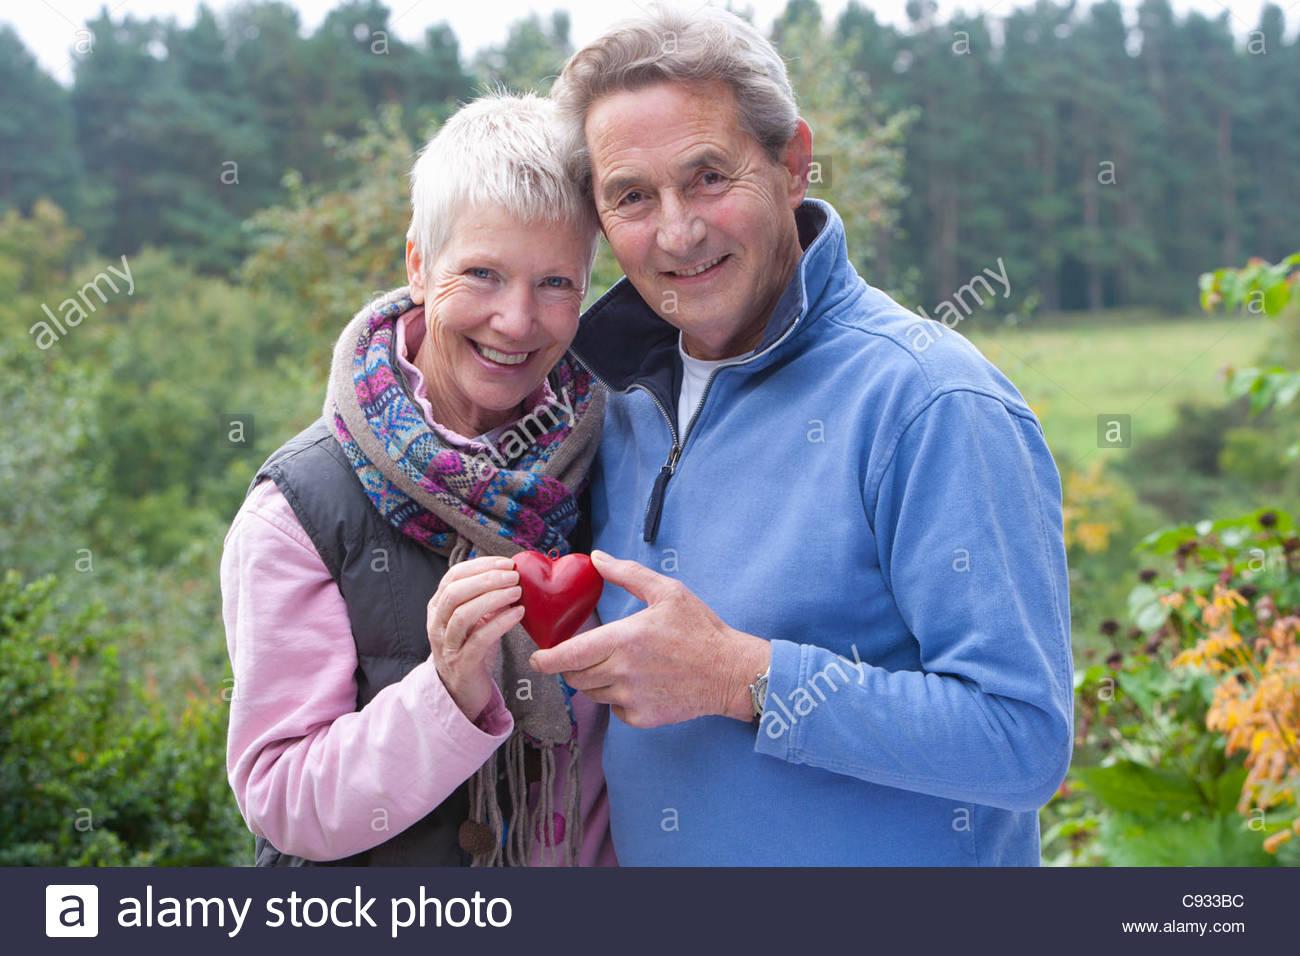 Portrait of smiling senior couple holding heart-shape ornament in garden - Stock Image